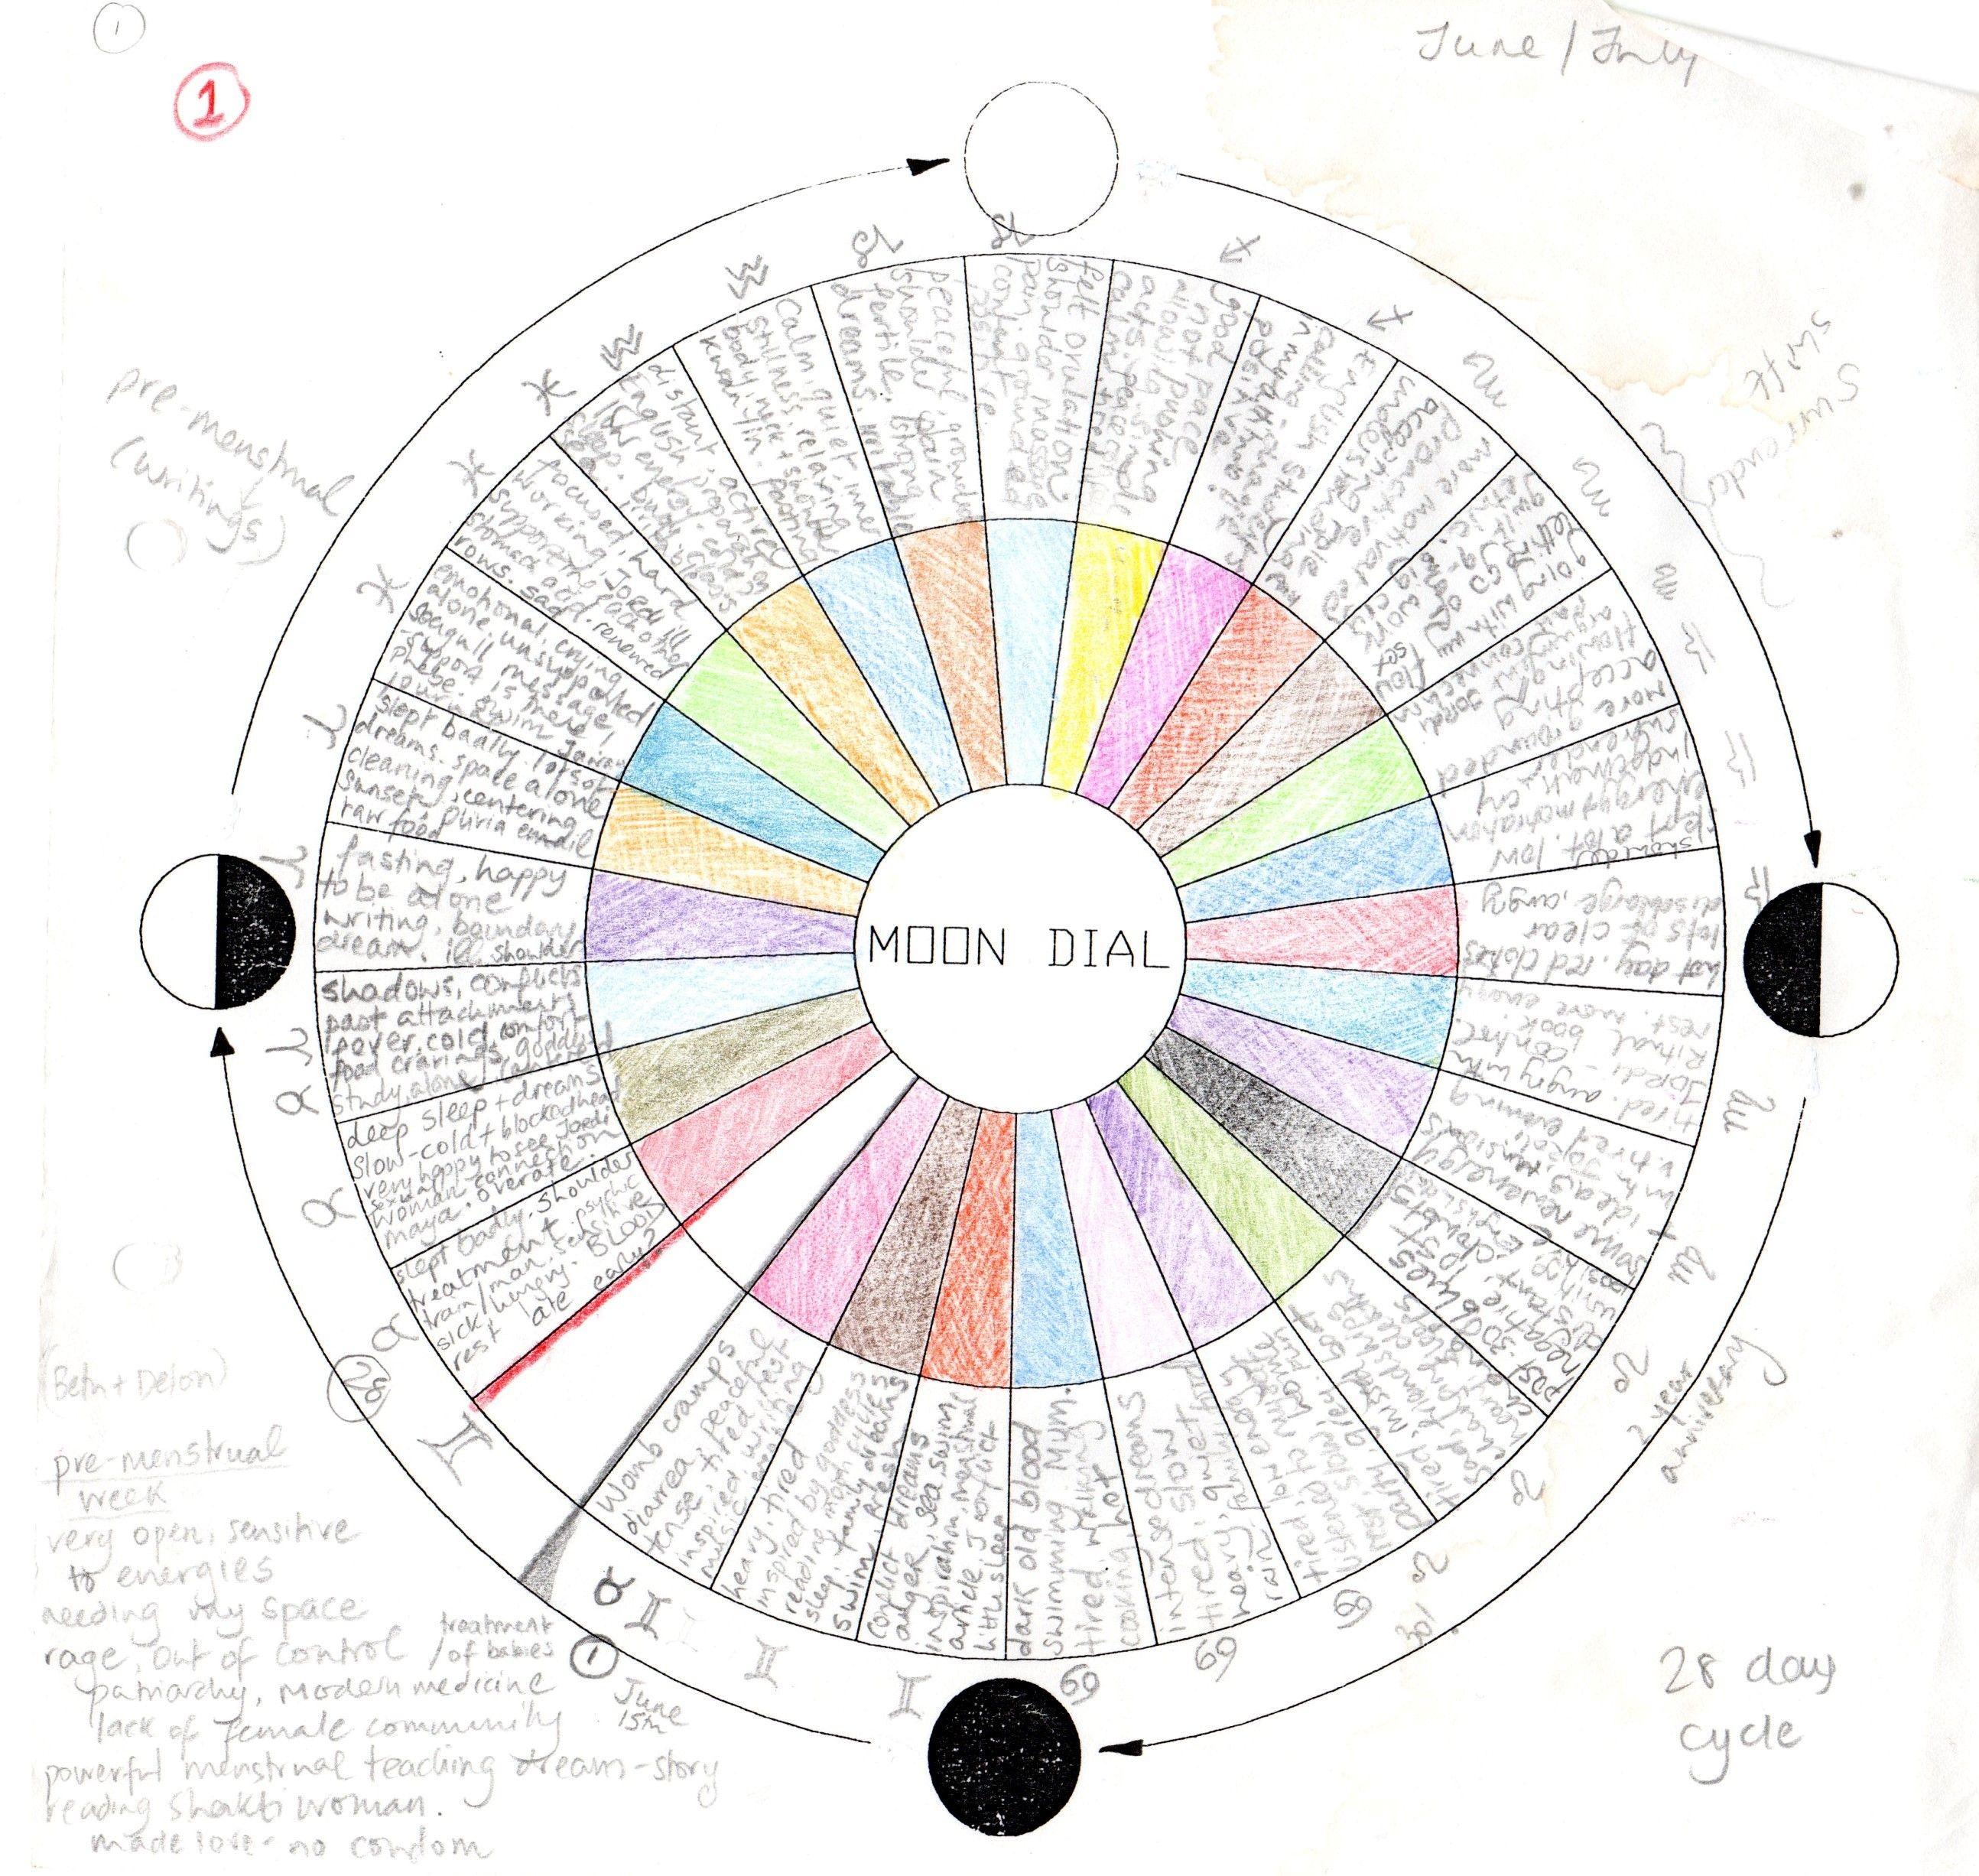 Diagrama lunar | salud | Pinterest | Lunares, El resplandor y Propios